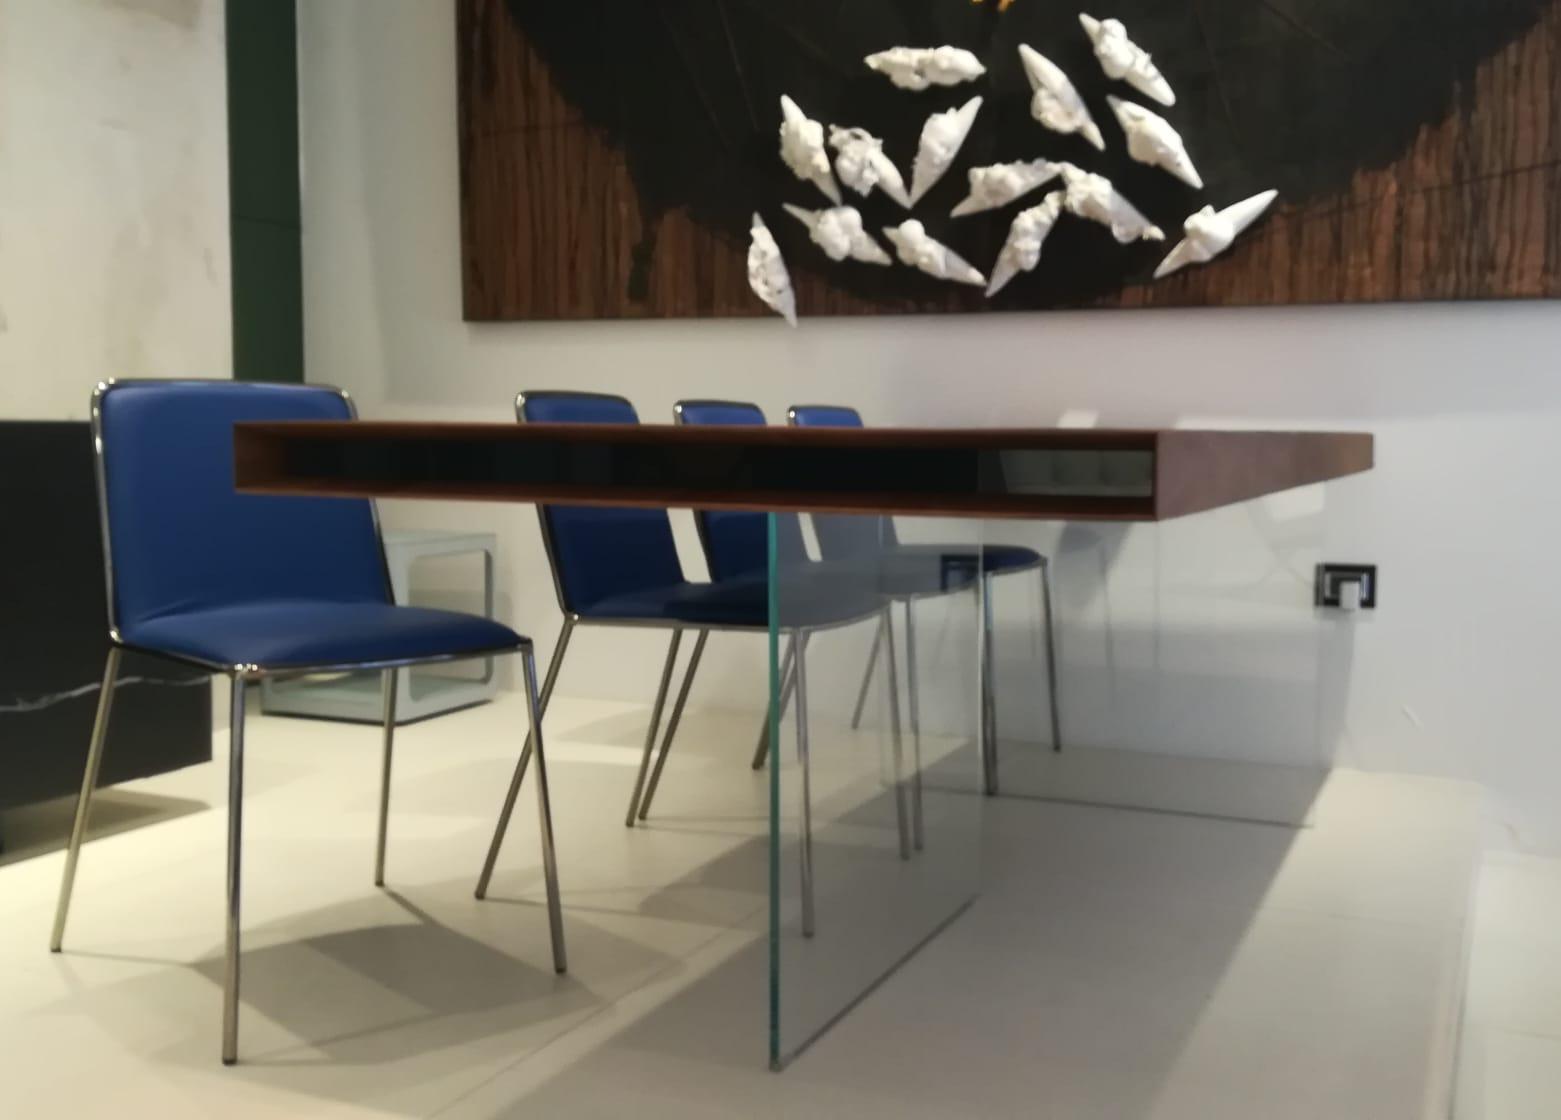 Lago - Air Table